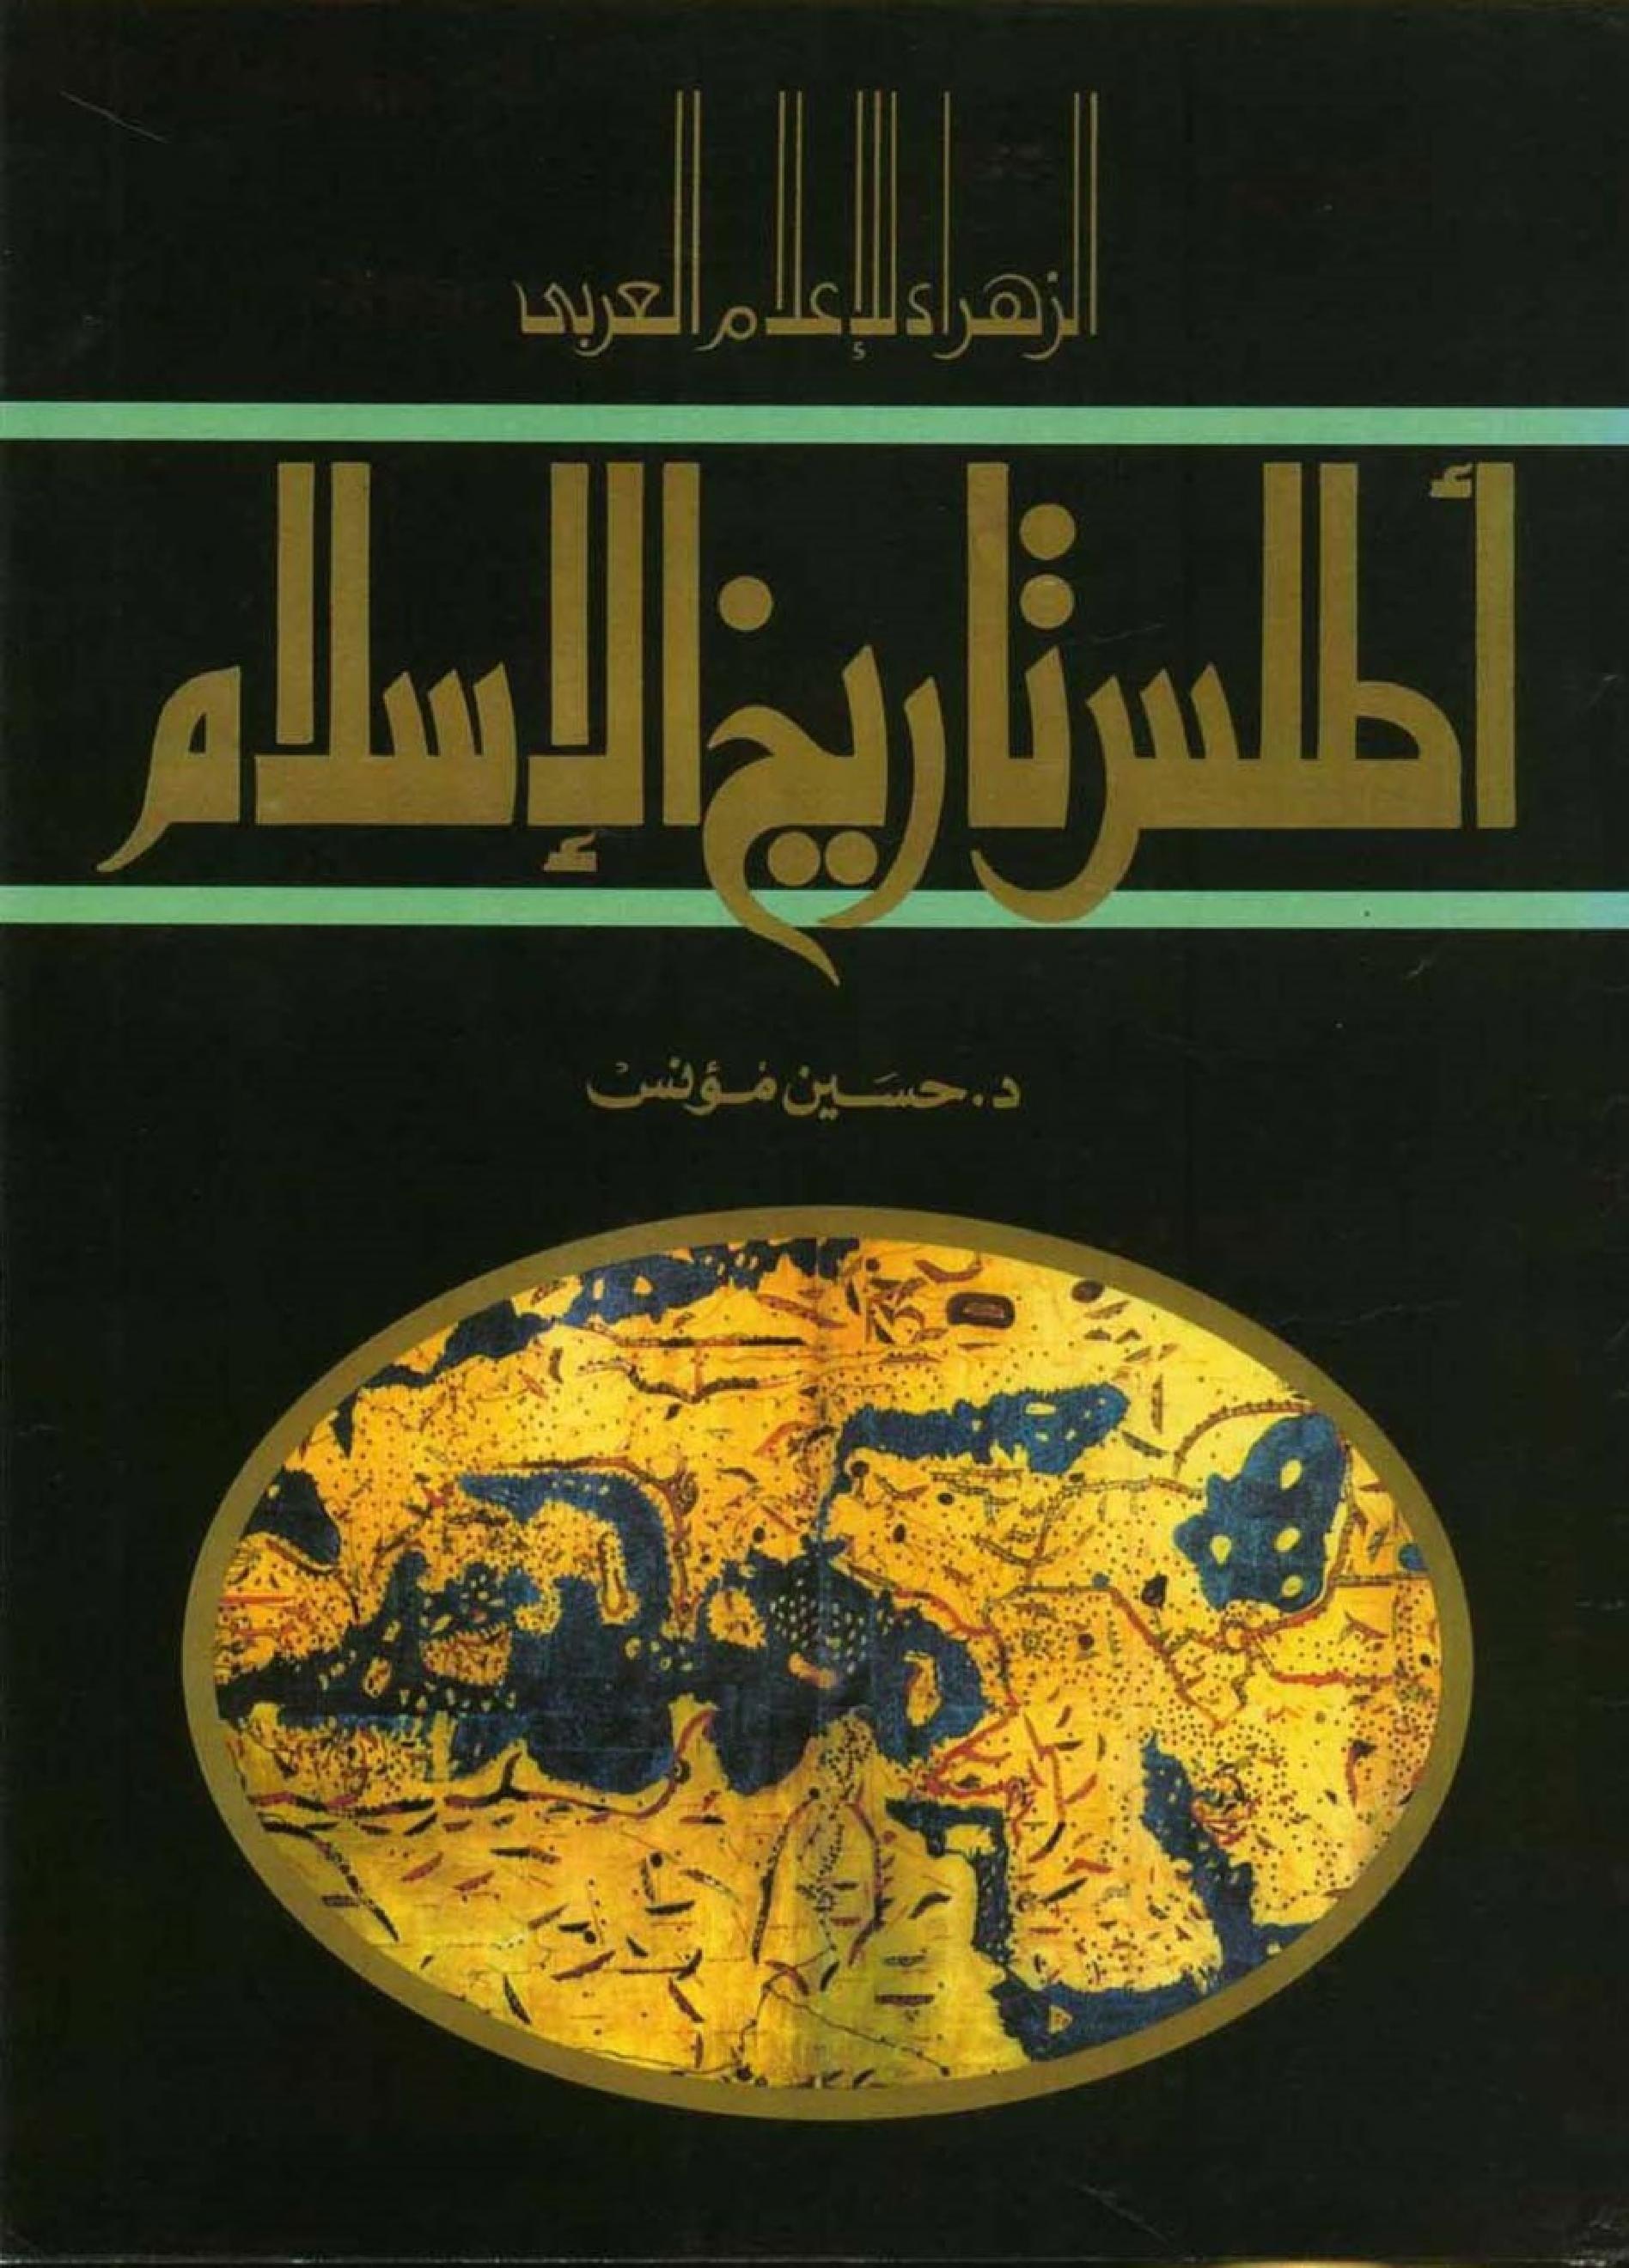 أطلس تاريخ الإسلام حسين مؤنس Free Download Borrow And Streaming Internet Archive Pdf Books Download Pdf Books Arabic Books